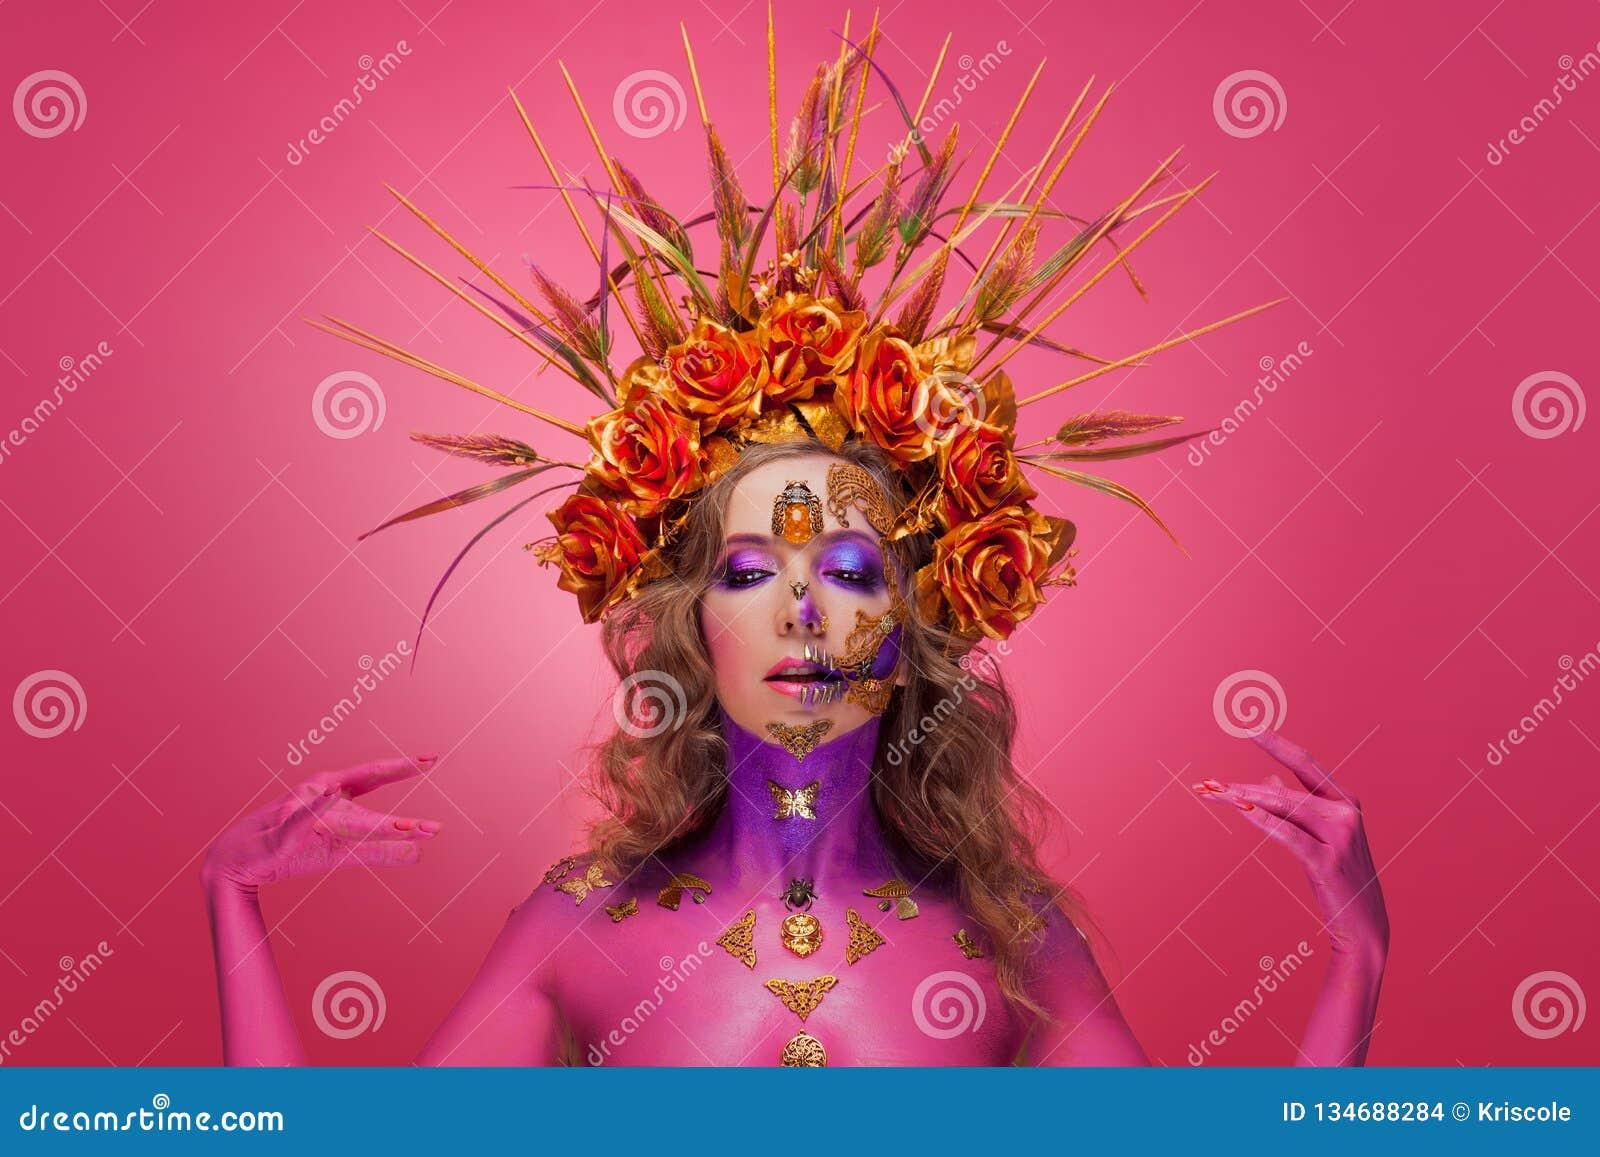 Retrato de una mujer con arte de la cara en el estilo del día de los muertos y del renacimiento